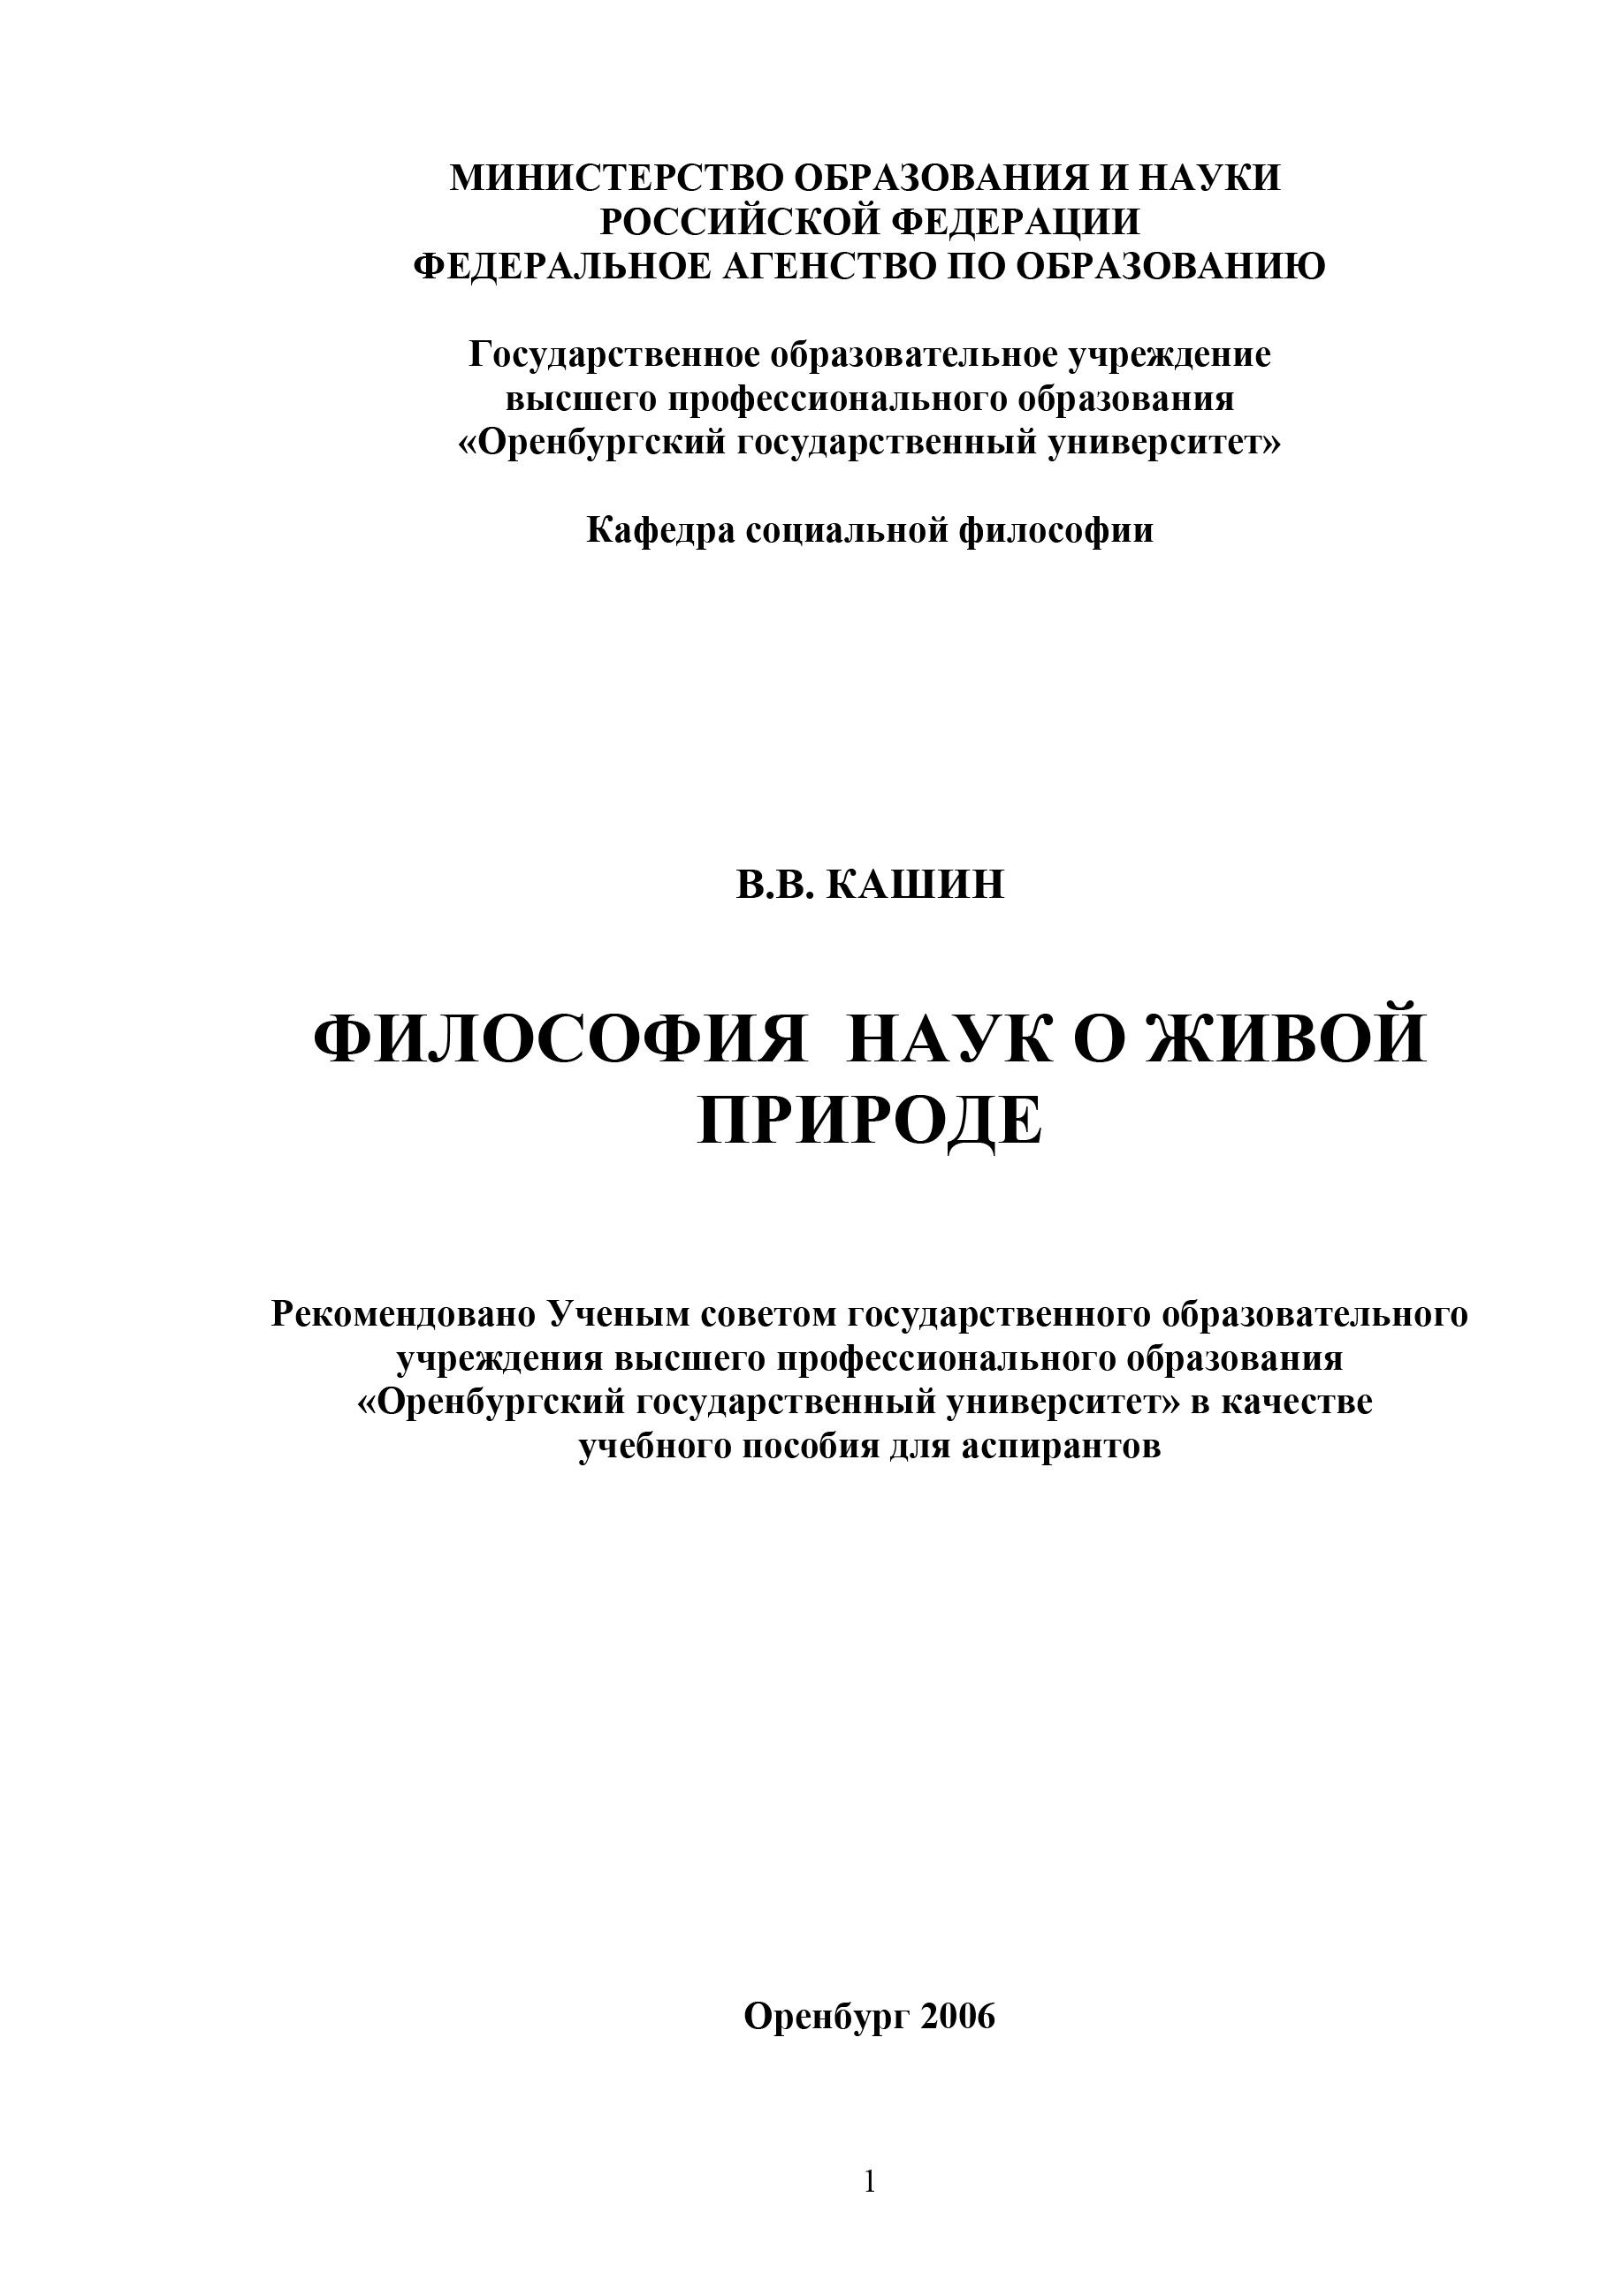 В. В. Кашин Философия наук о живой природе цена